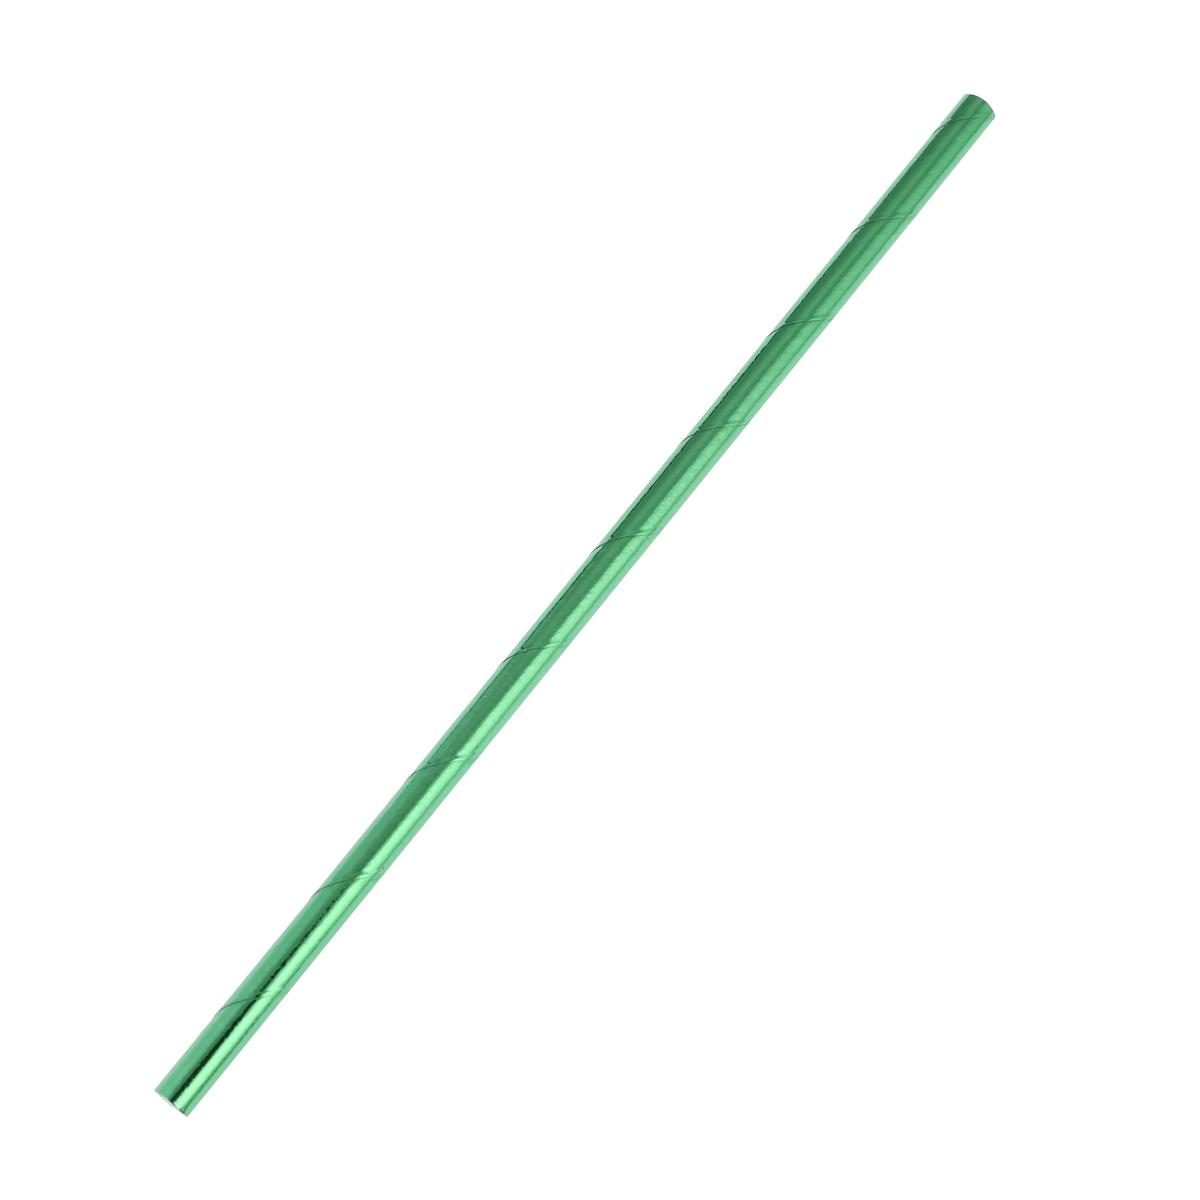 קשיות נייר ירוק כהה מבריק